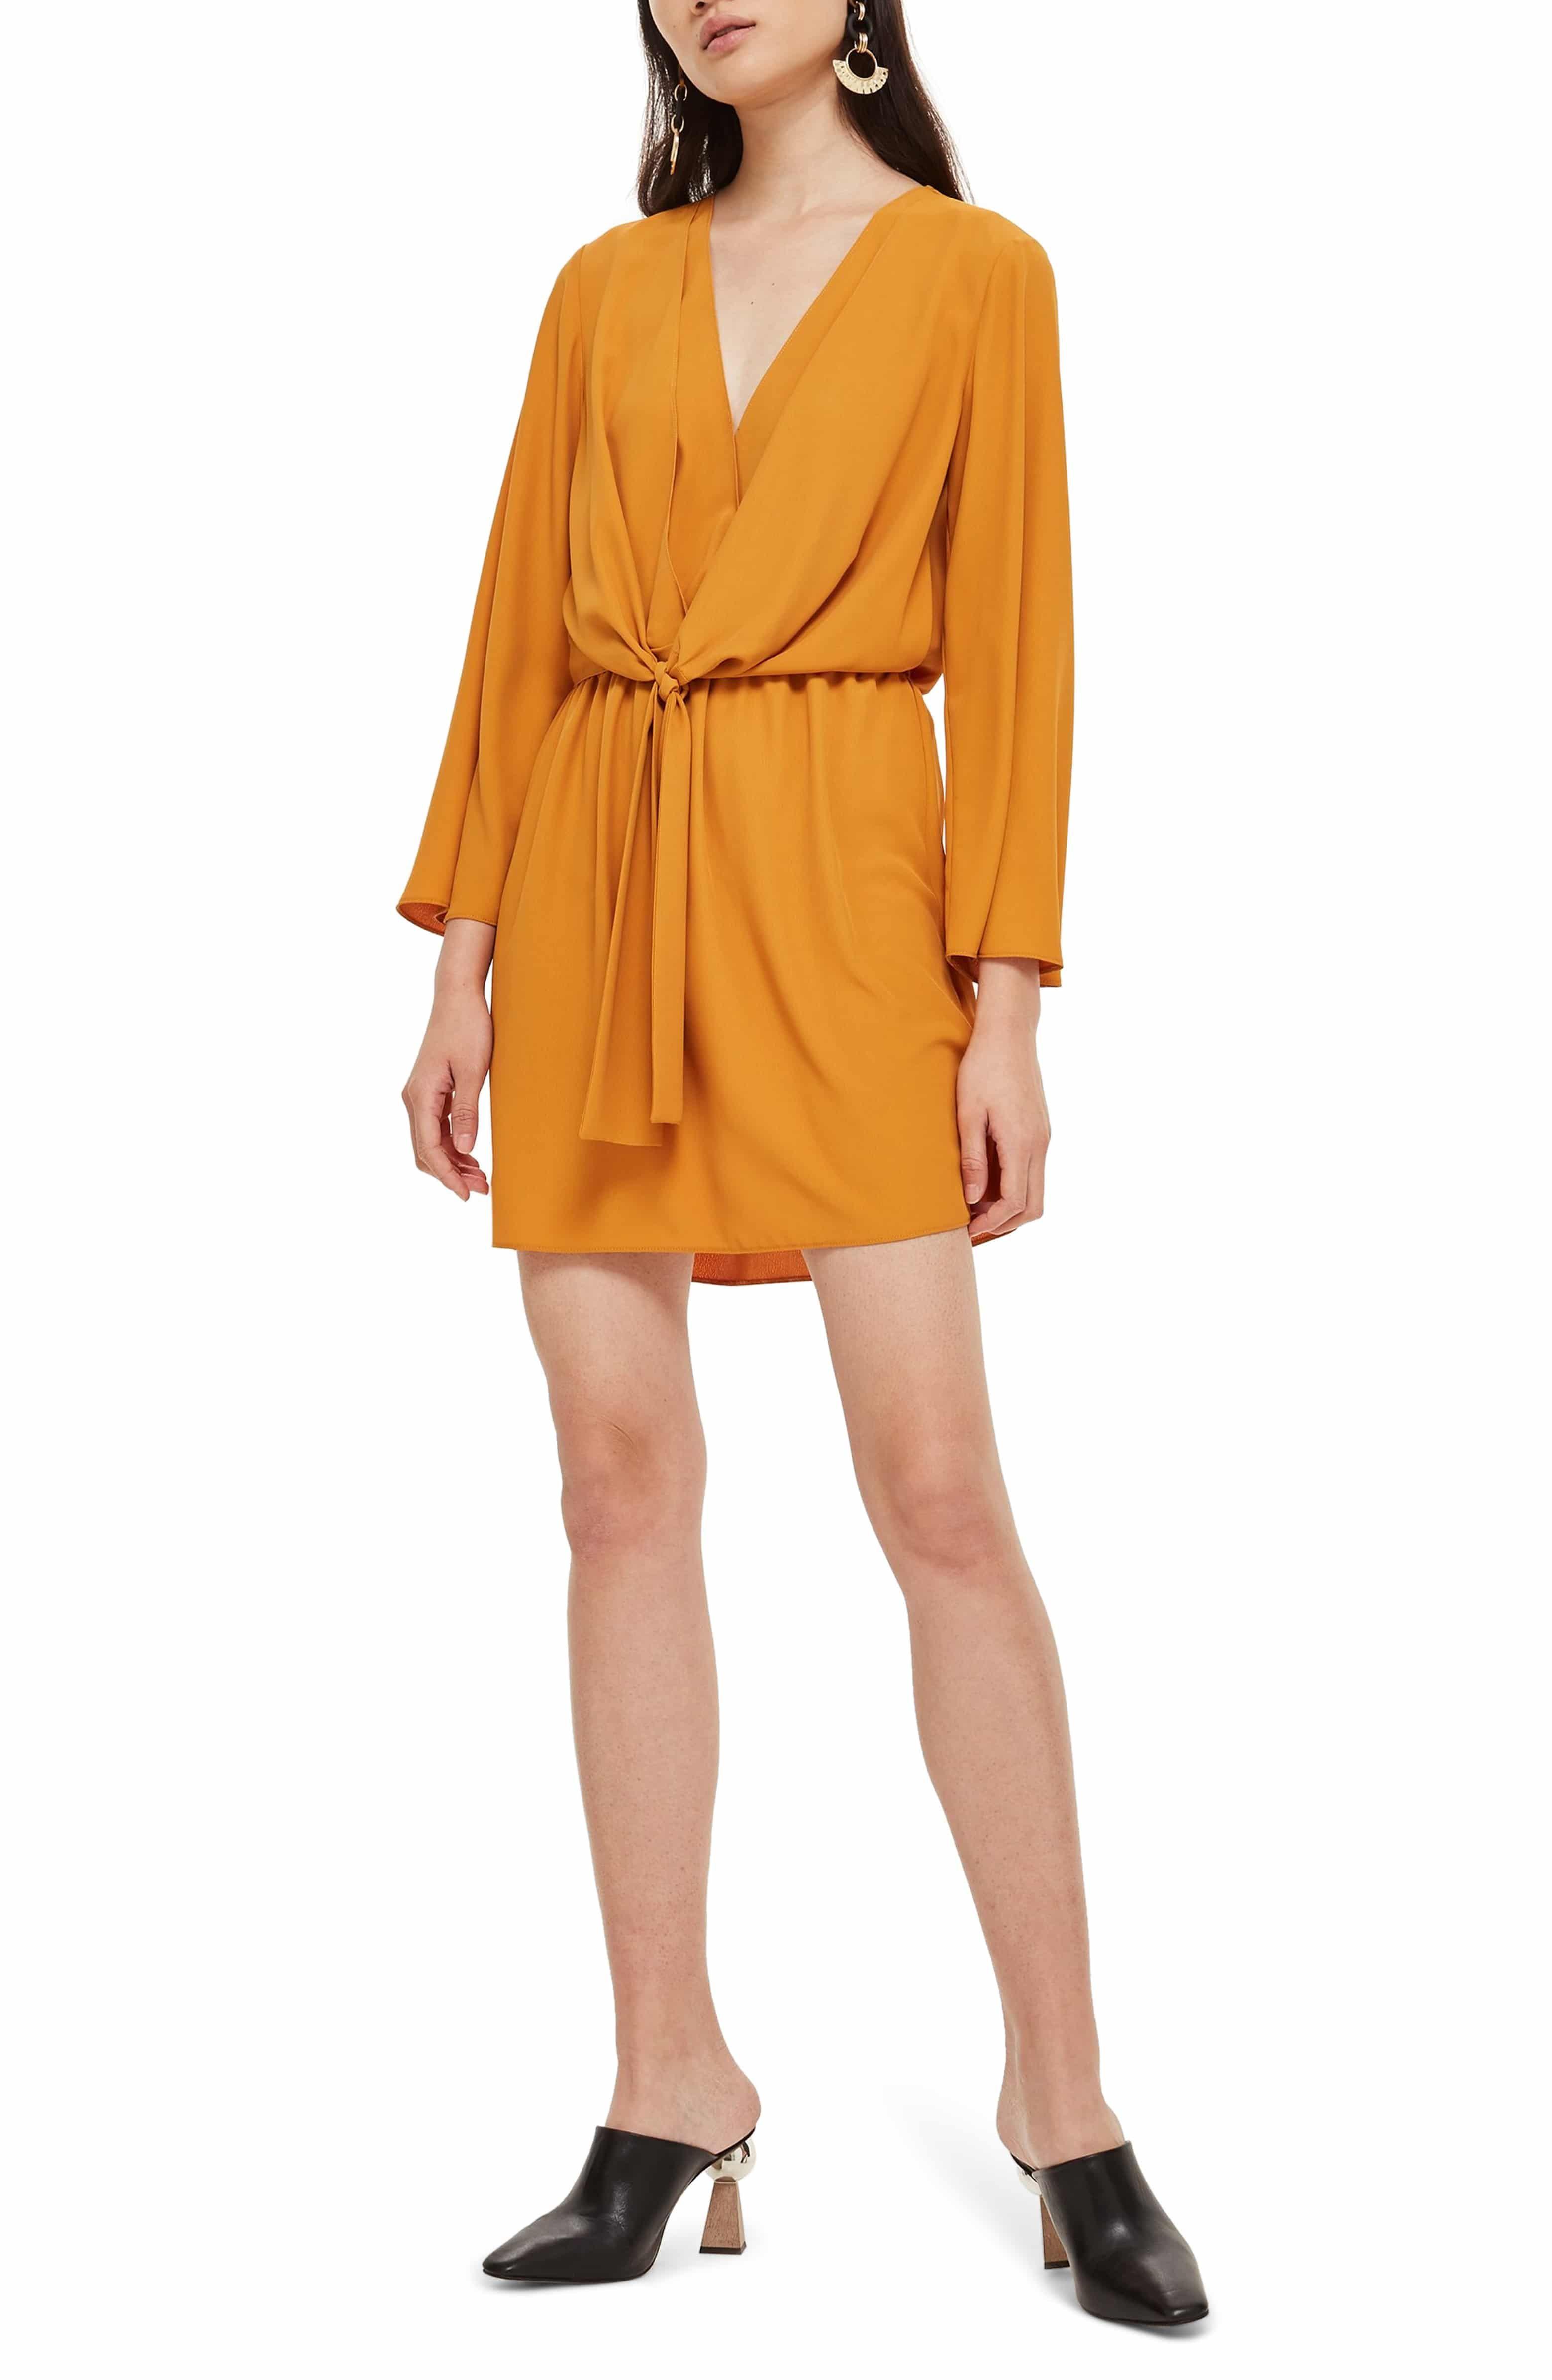 96d52b04ccc0 Tiffany Knot Minidress